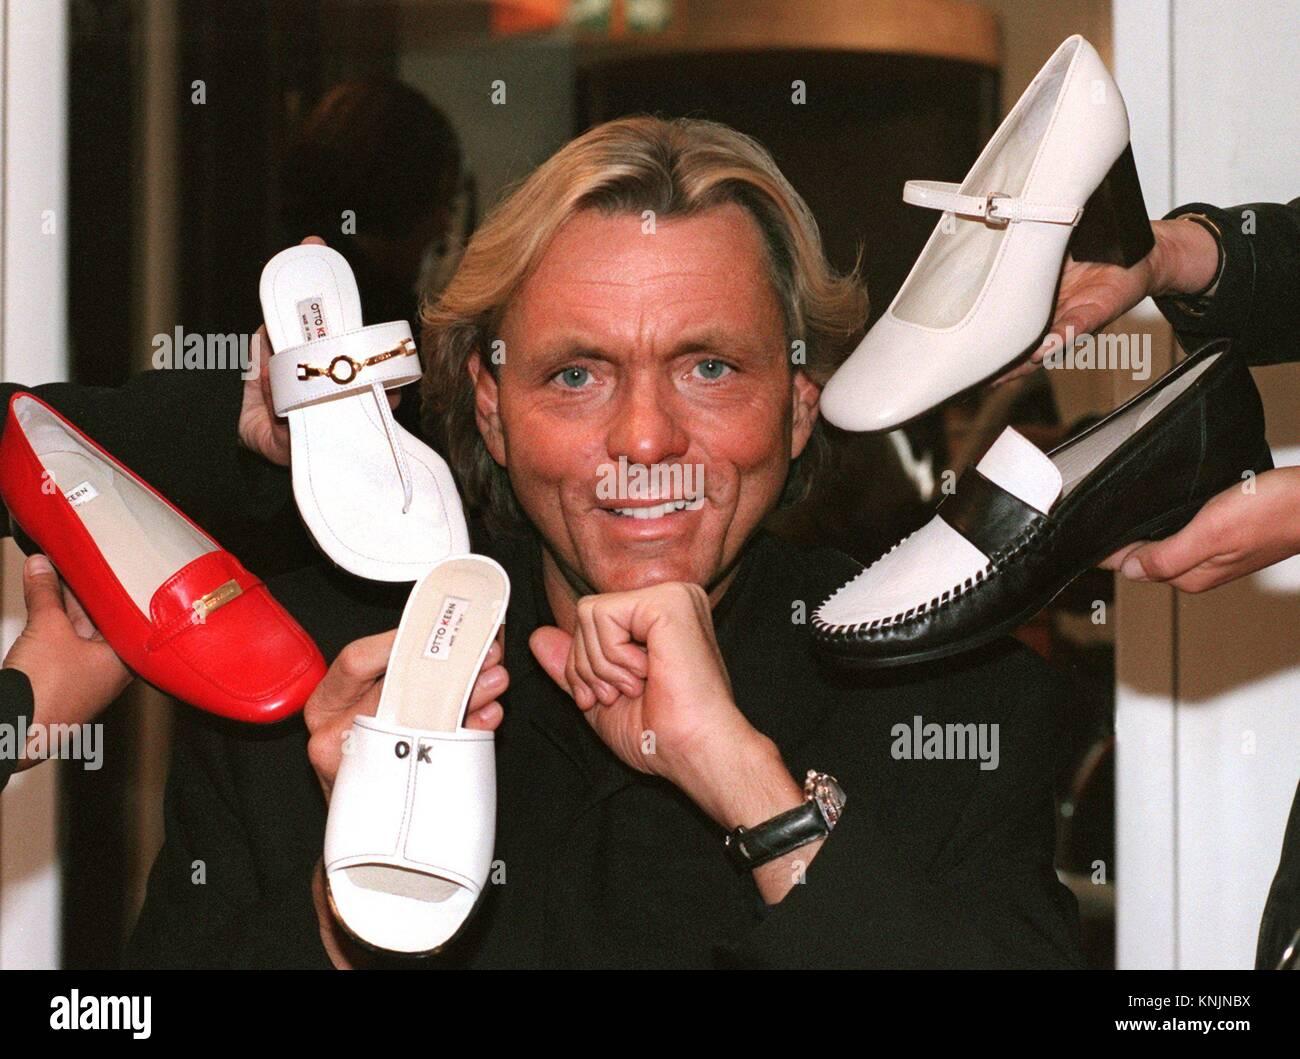 Archiv - der Mode Unternehmer Otto Kern präsentiert seine Schuhkollektion  auf der Internationalen Schuhmesse (GDS) in Düsseldorf, Deutschland, 15. d58fc02365